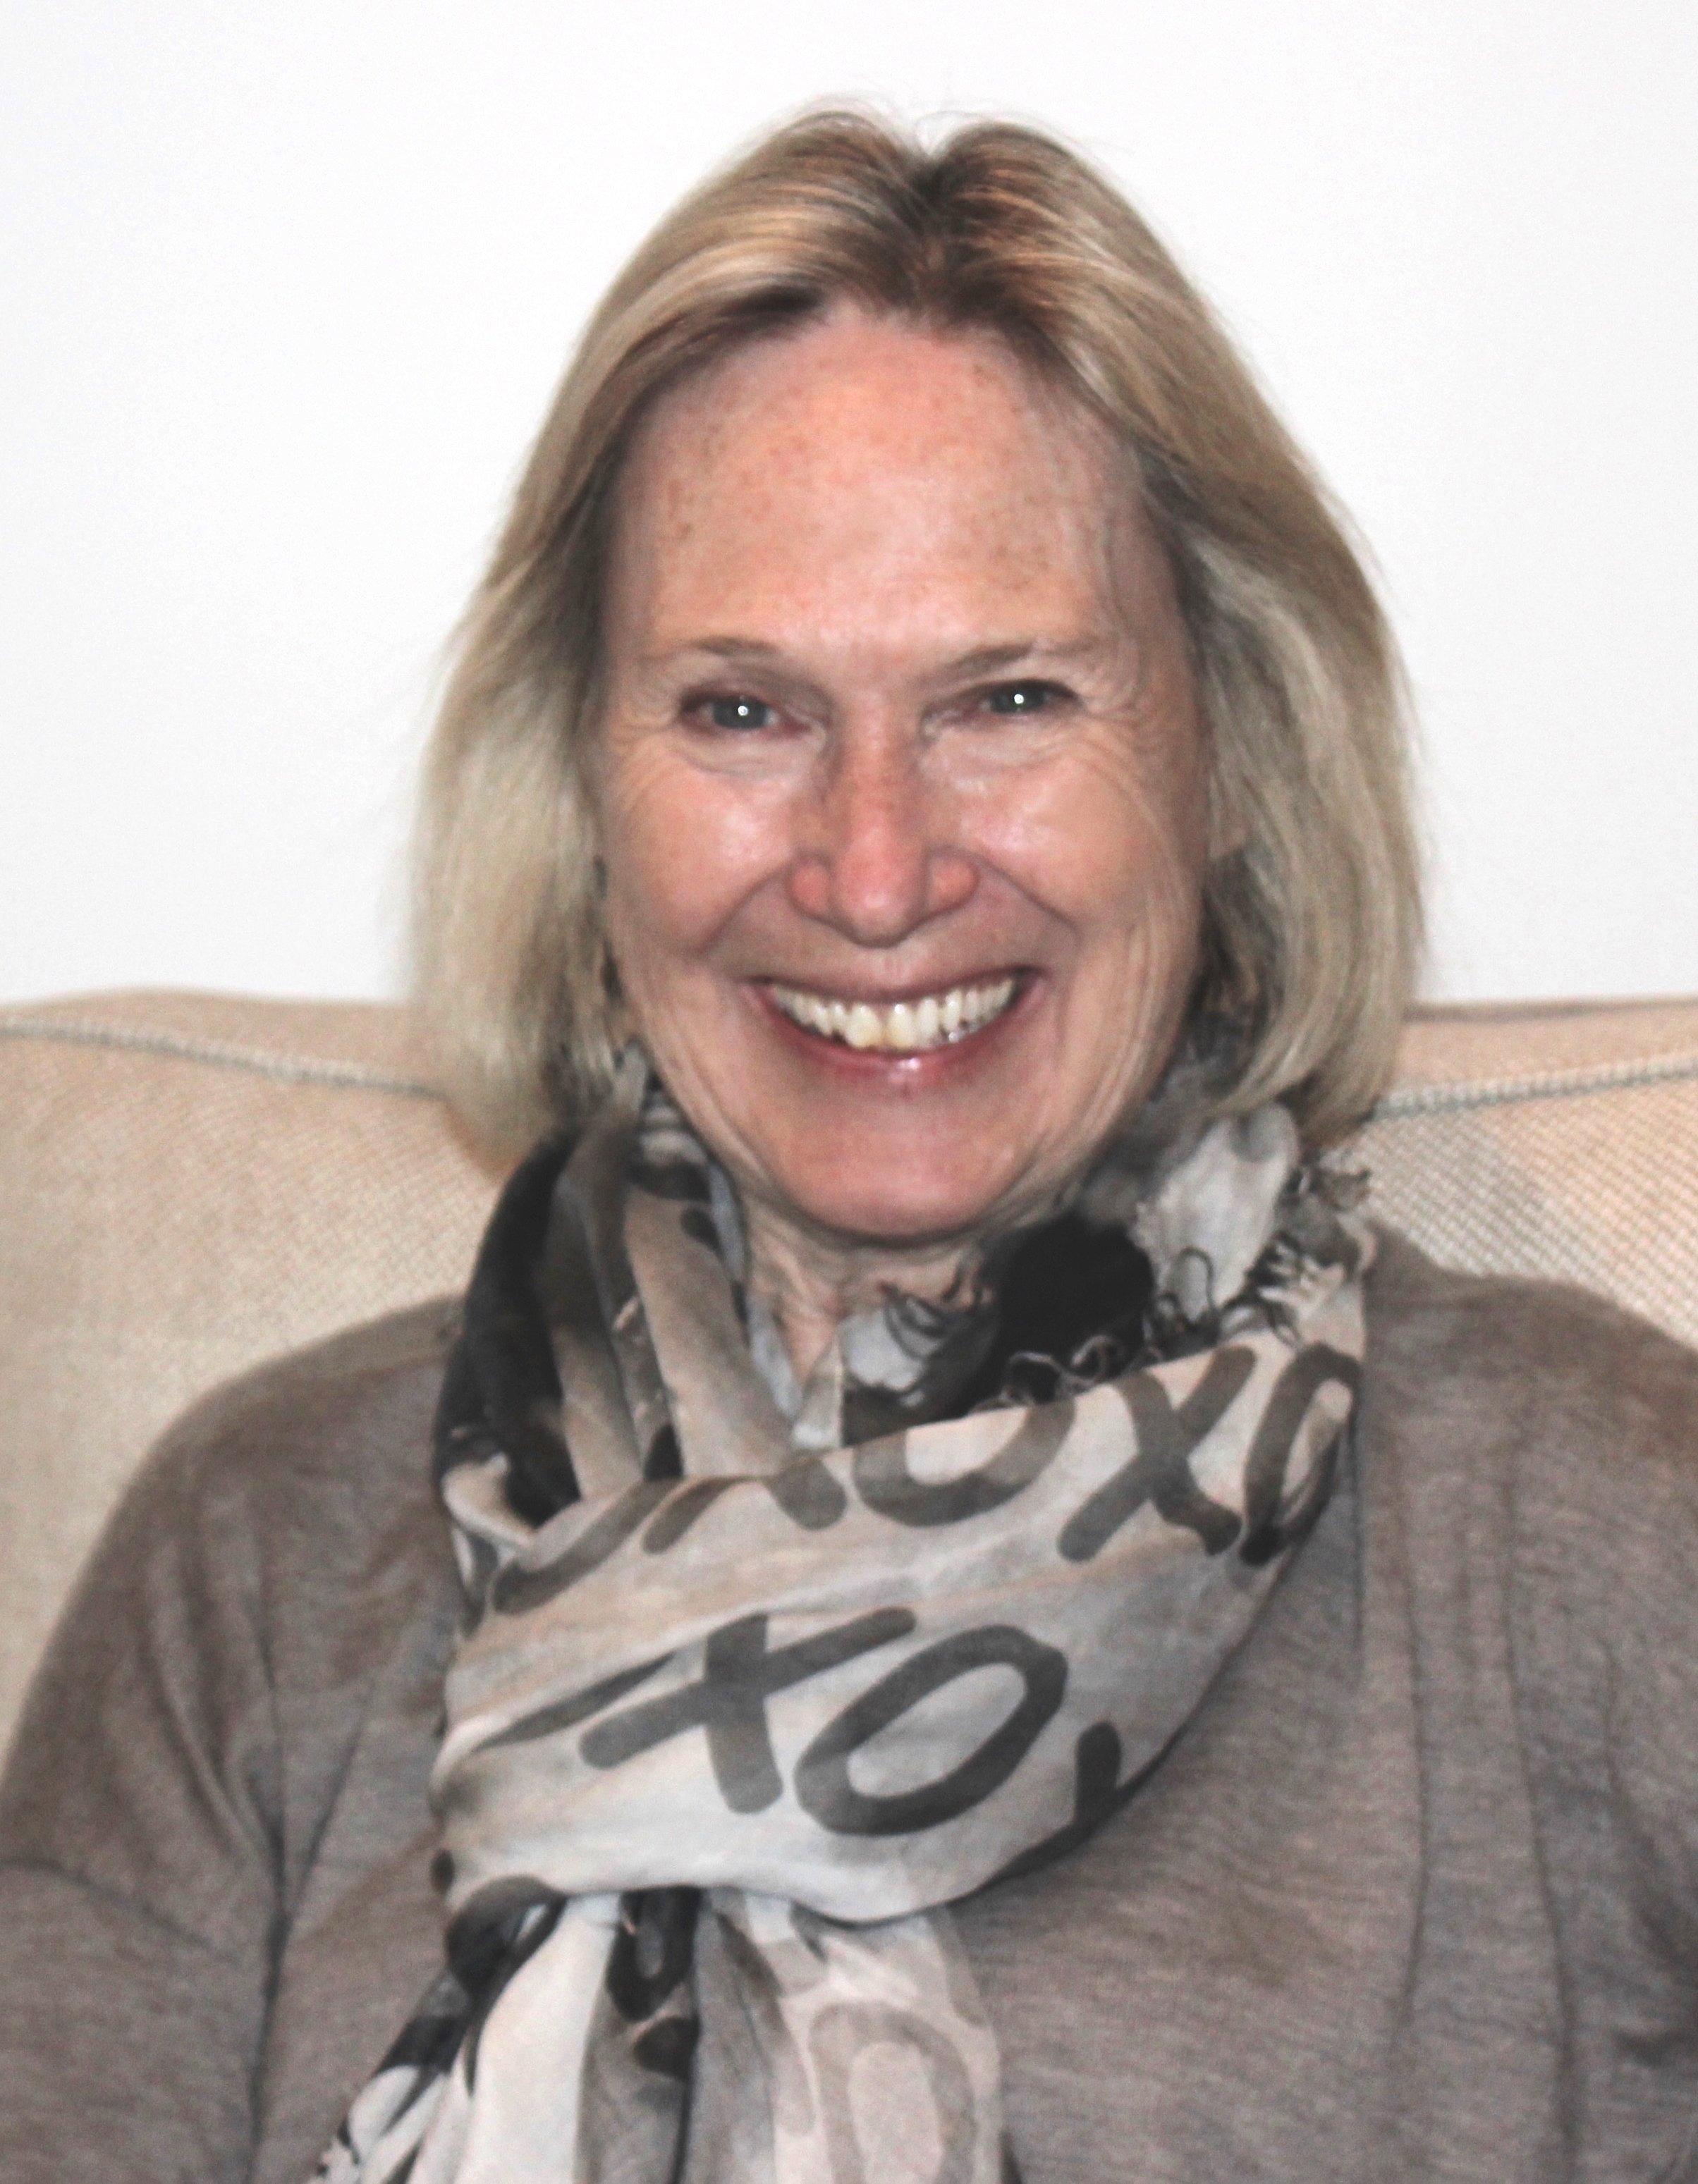 Alicia Orrick